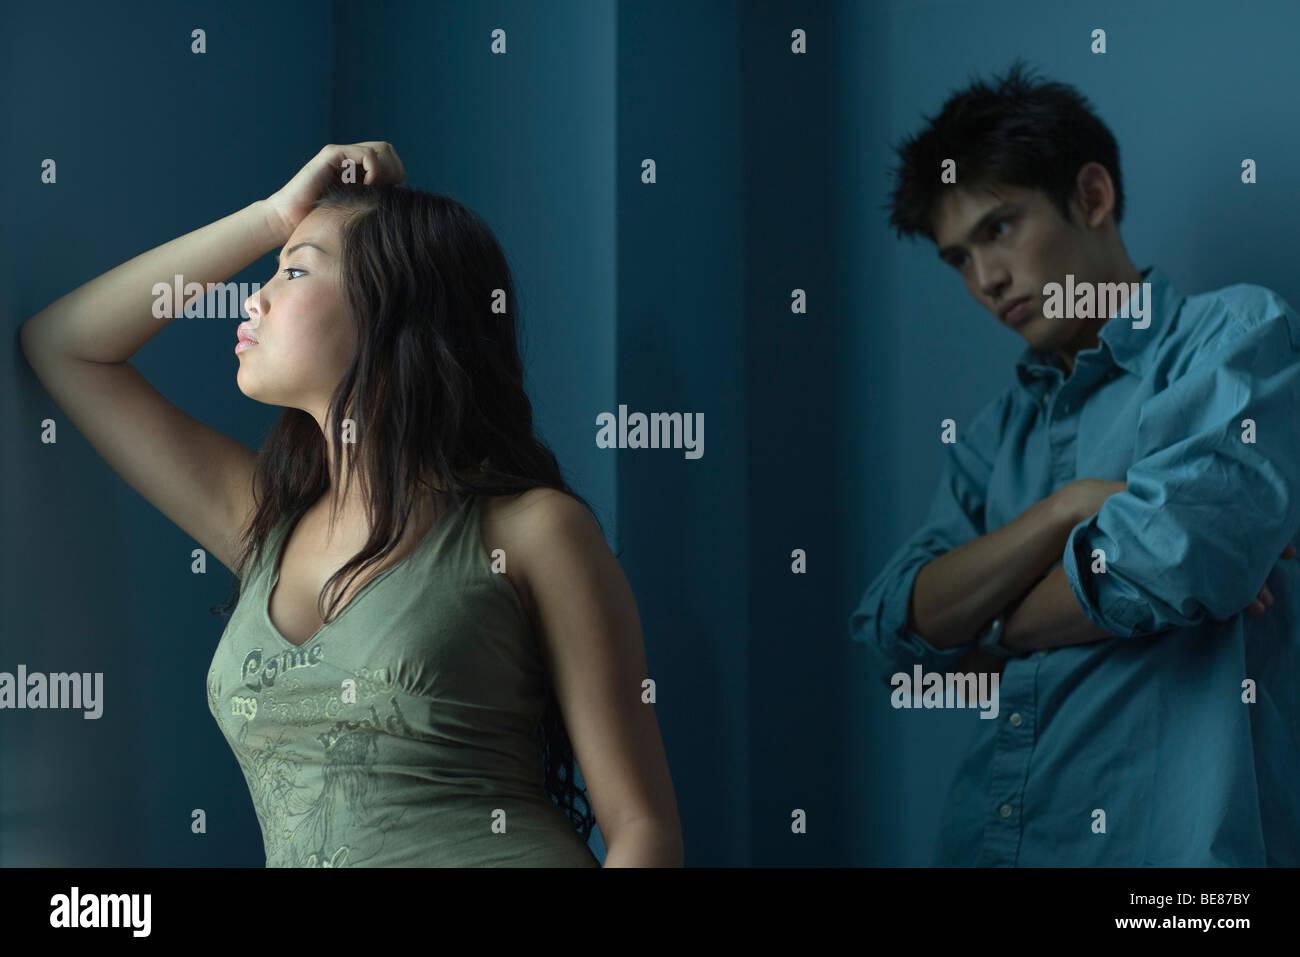 Junge Frau hält Kopf und wegsehen, ungeduldig Mann mit verschränkten Armen hinter ihr stehen Stockfoto